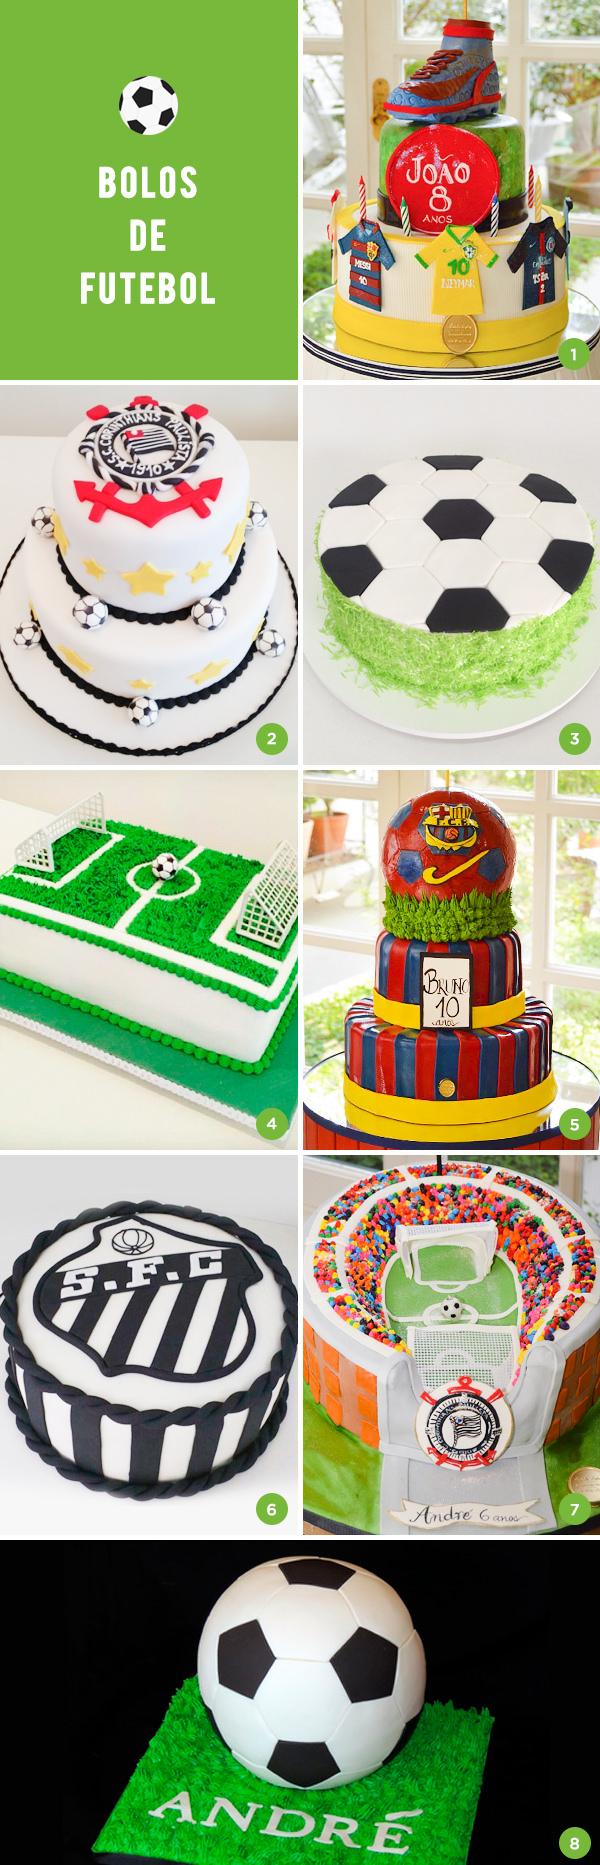 8 bolos de futebol para a festa infantil